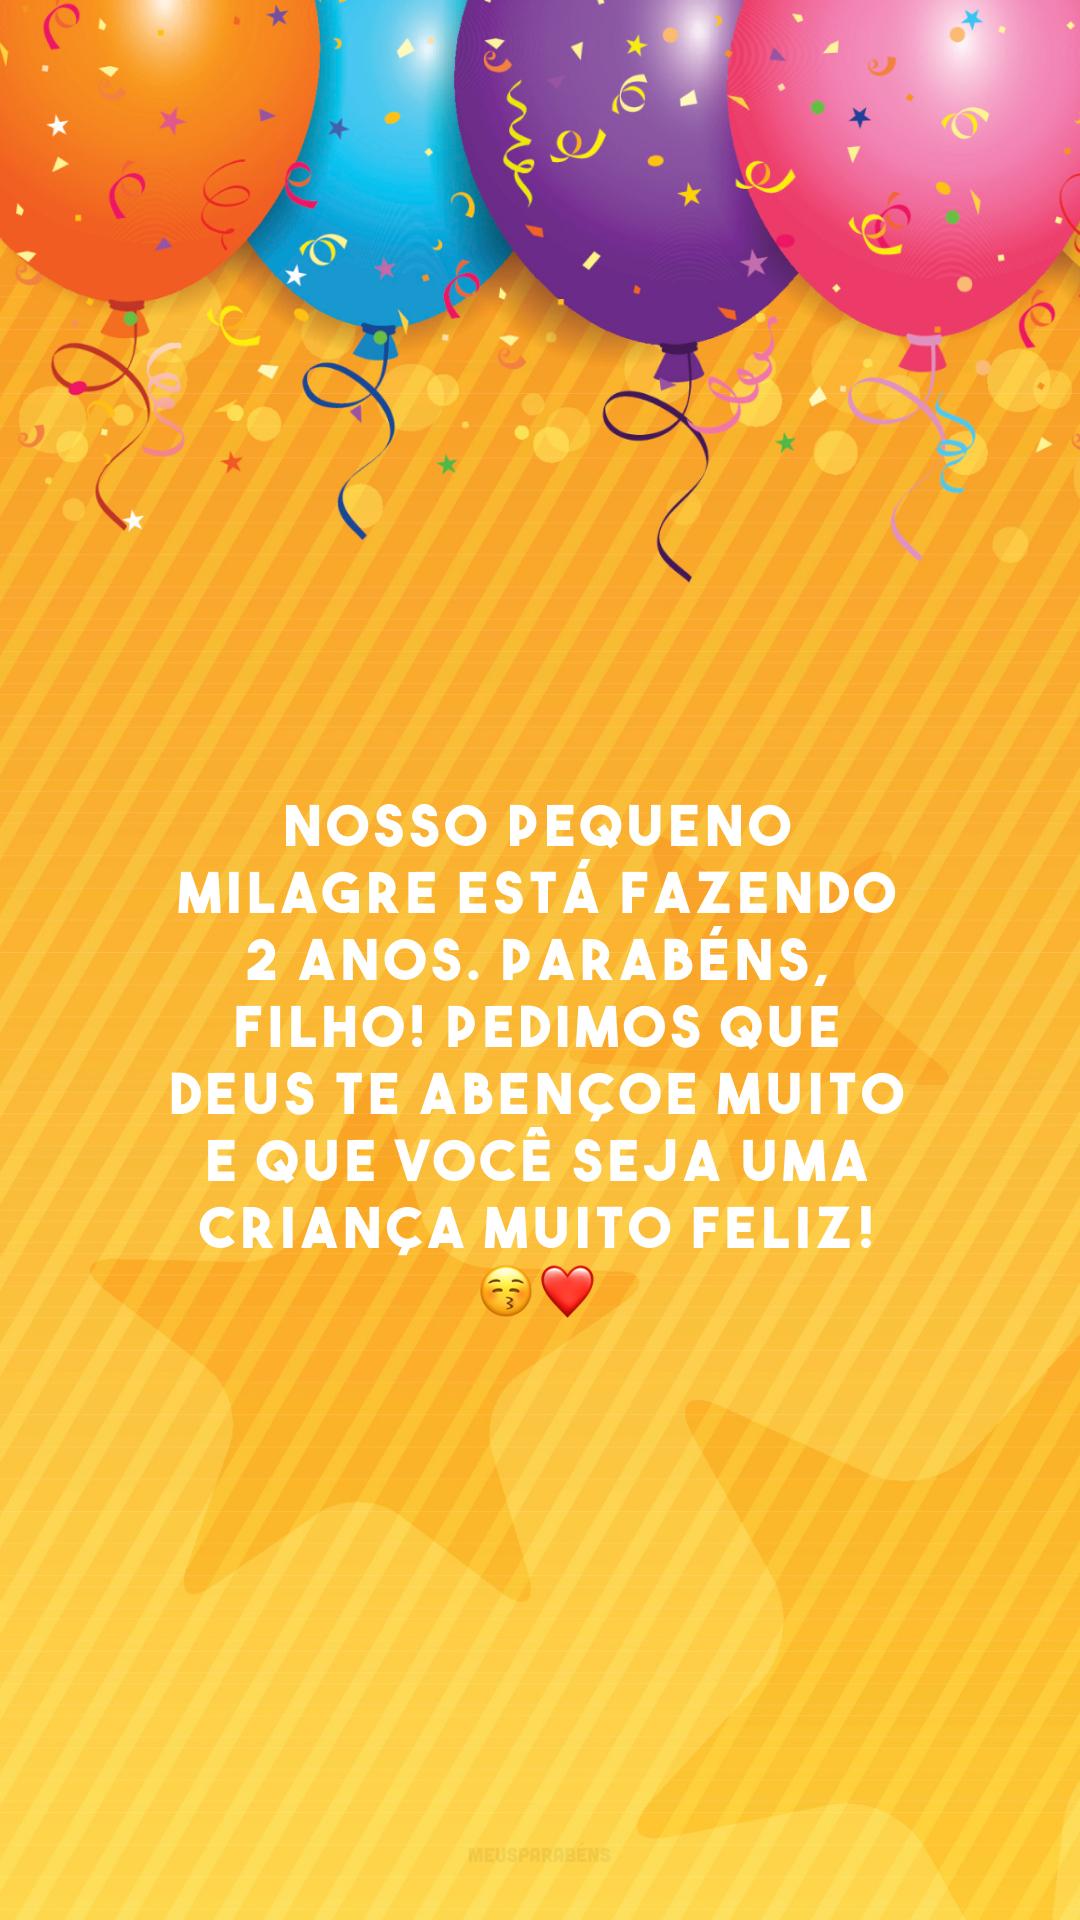 Nosso pequeno milagre está fazendo 2 anos. Parabéns, filho! Pedimos que Deus te abençoe muito e que você seja uma criança muito feliz! 😚❤️